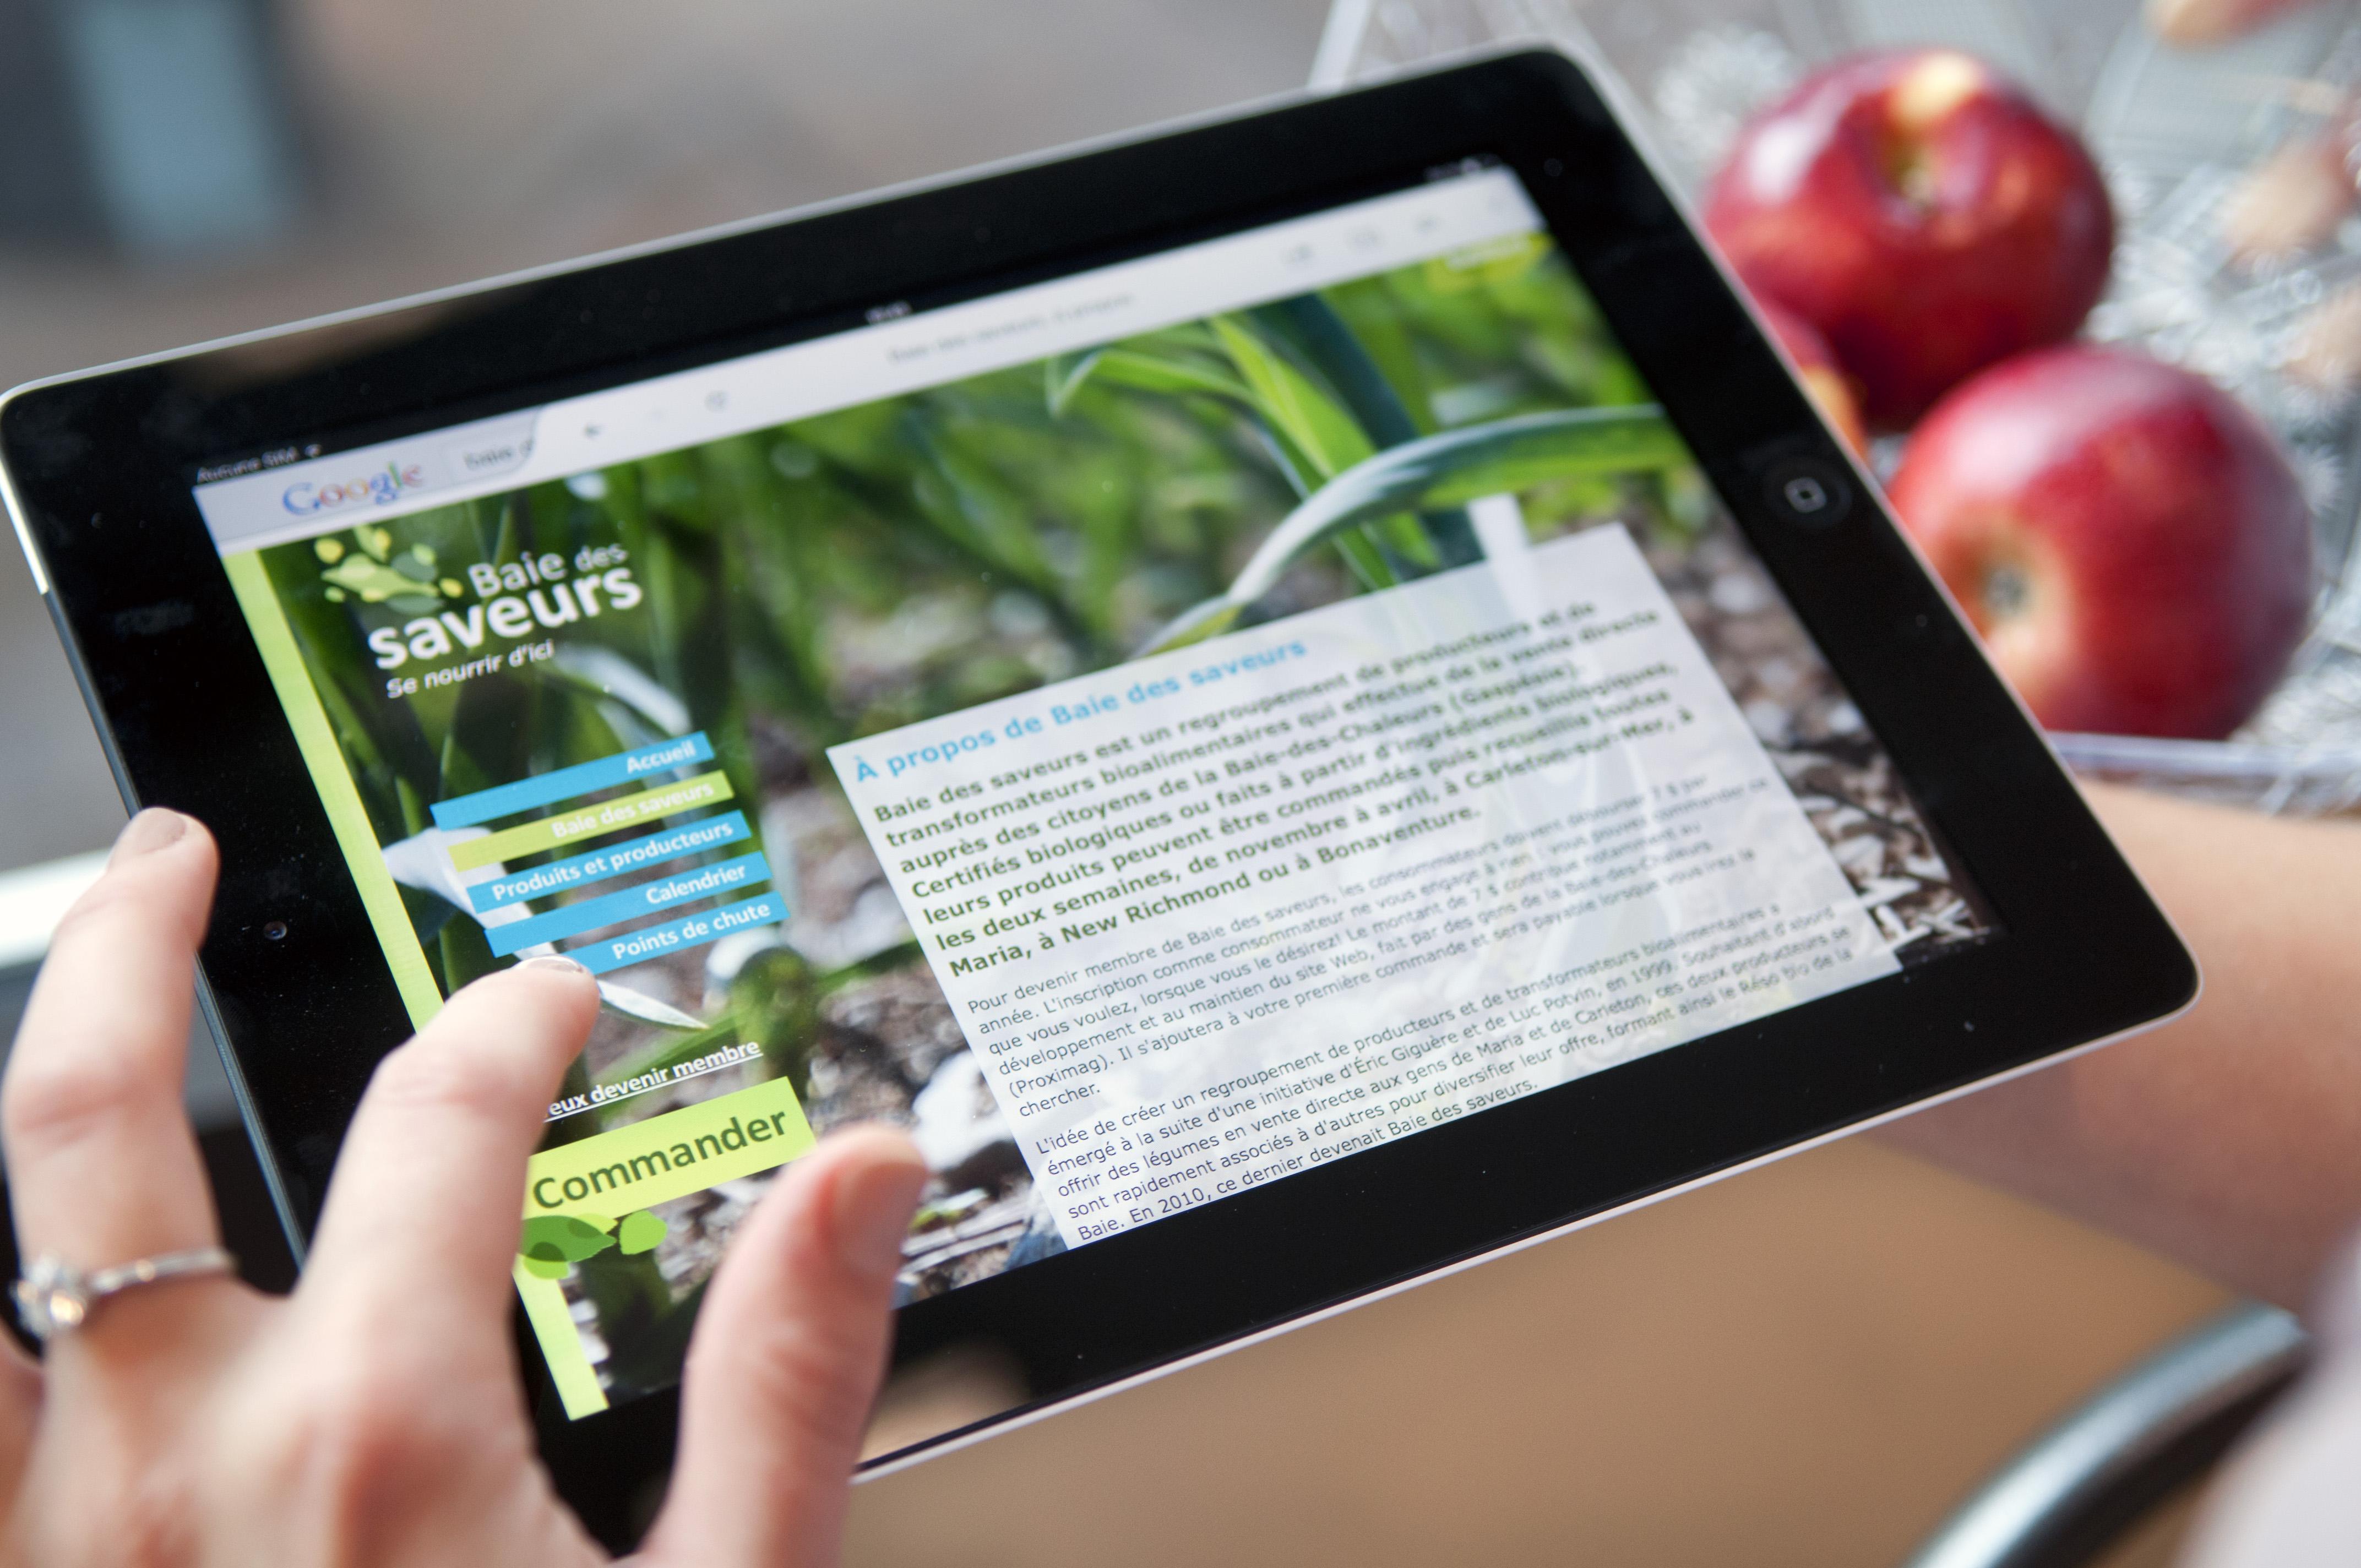 26ddc0abd6e Tablette électronique pour effectuer achat en ligne